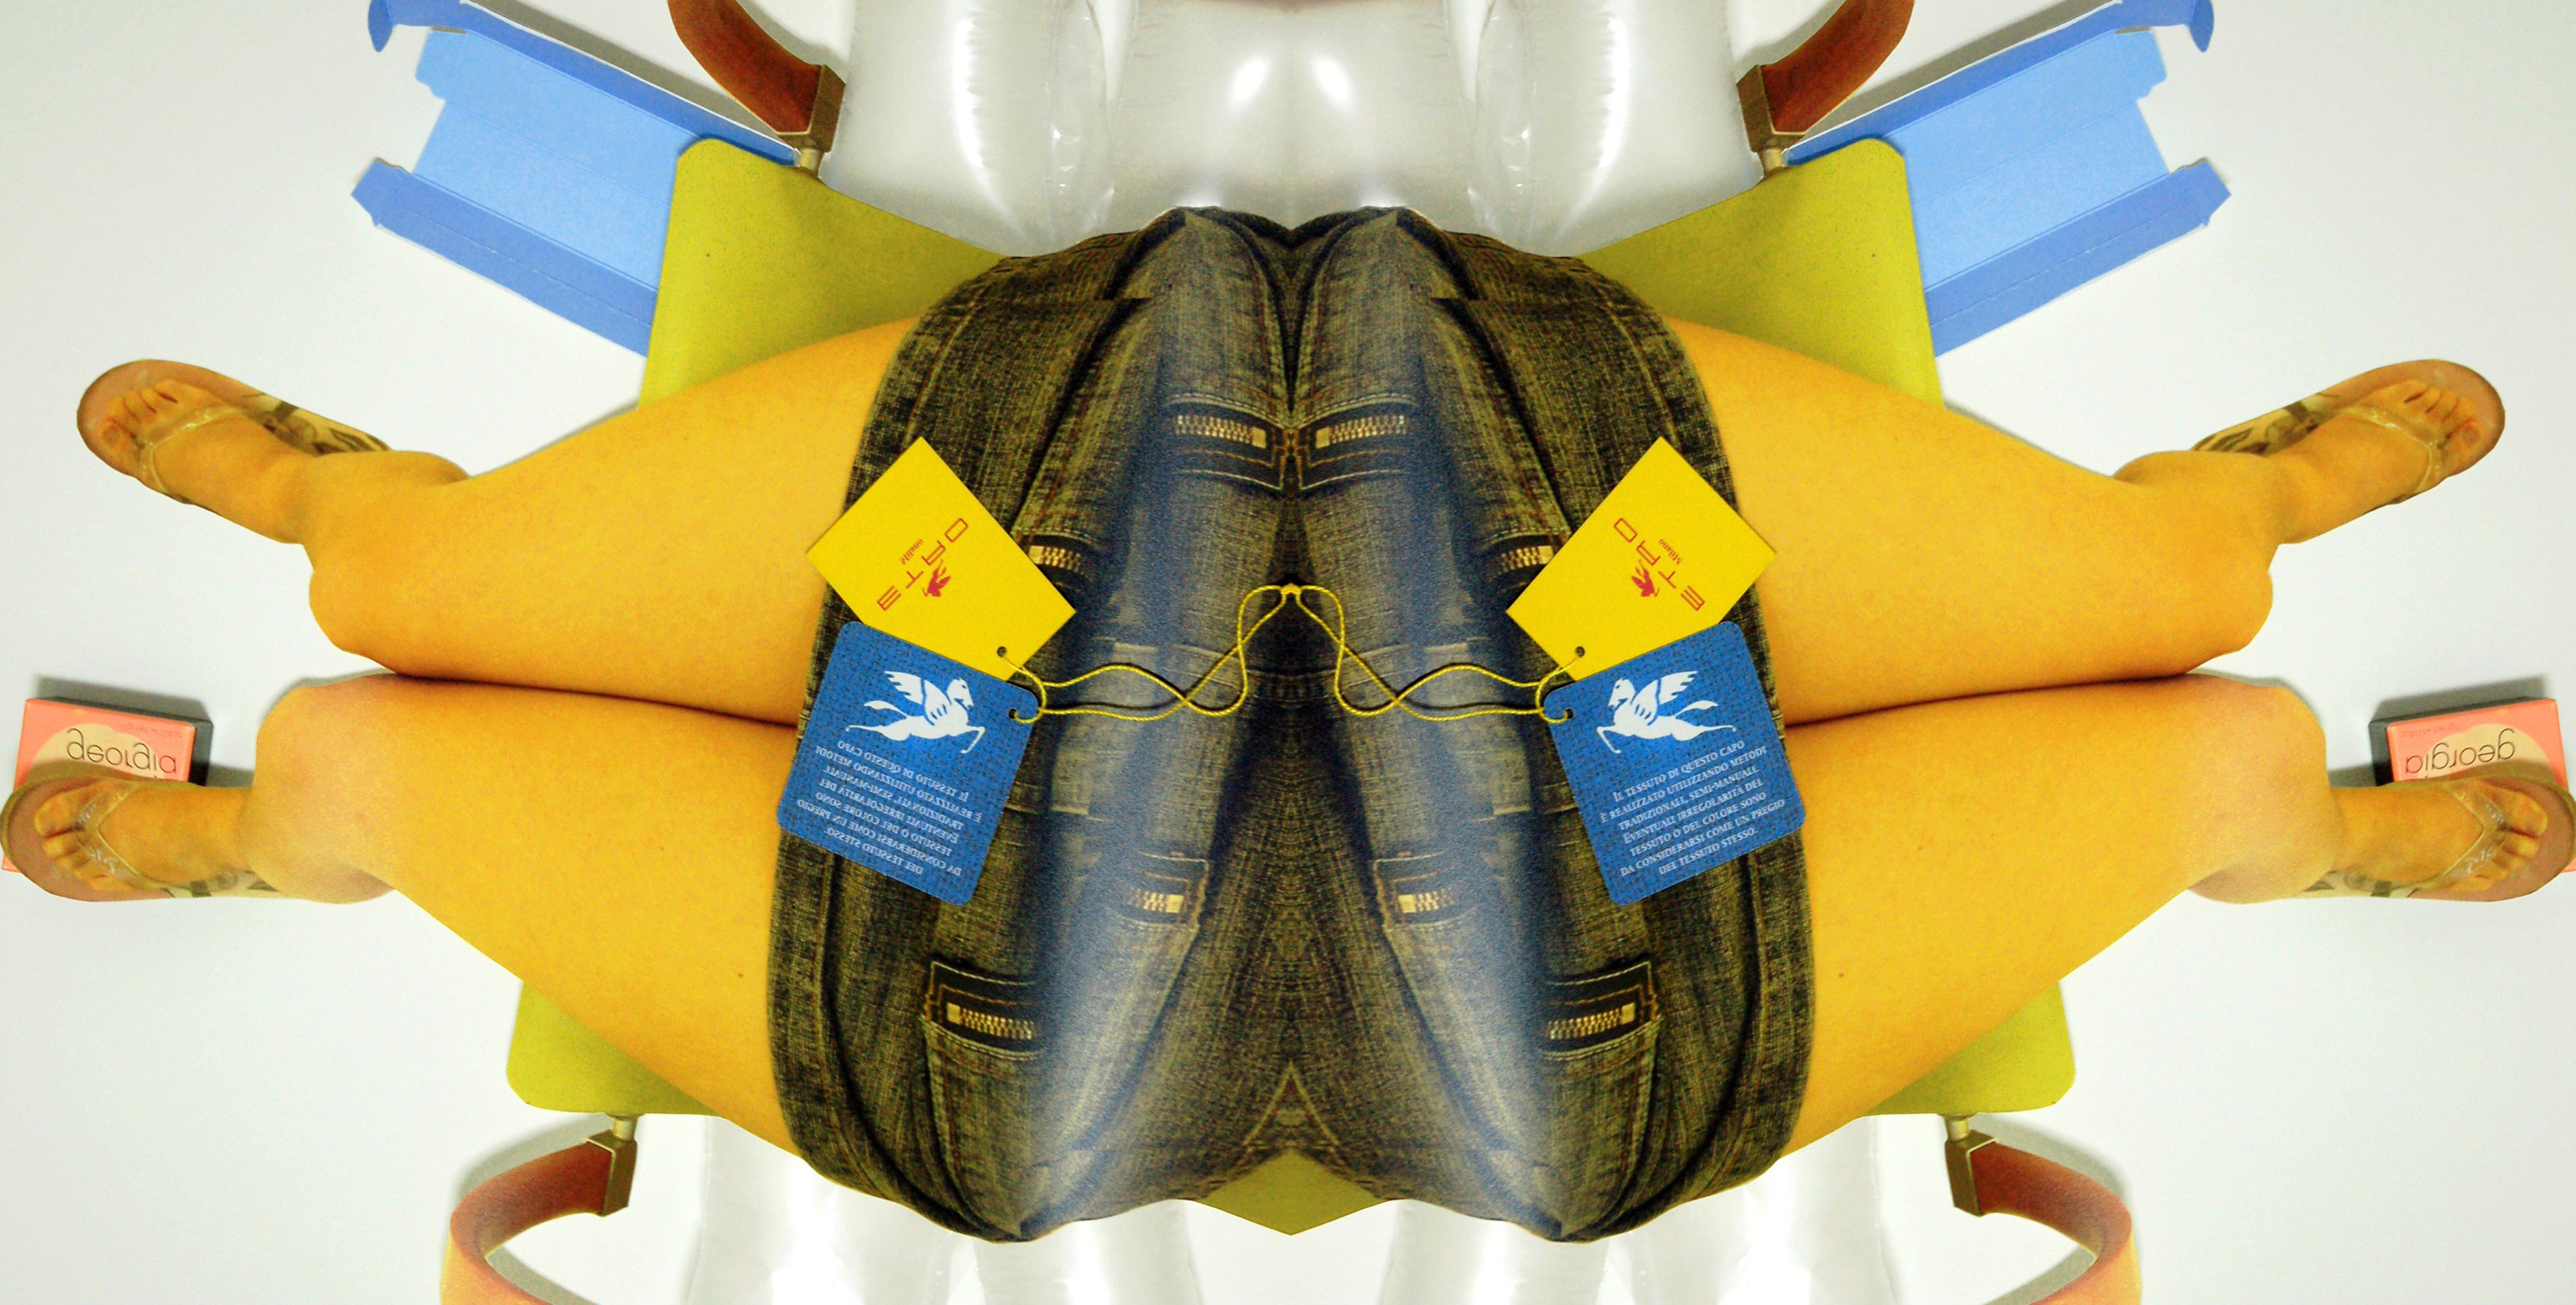 날개짓_digital photo_2006 copy.jpg